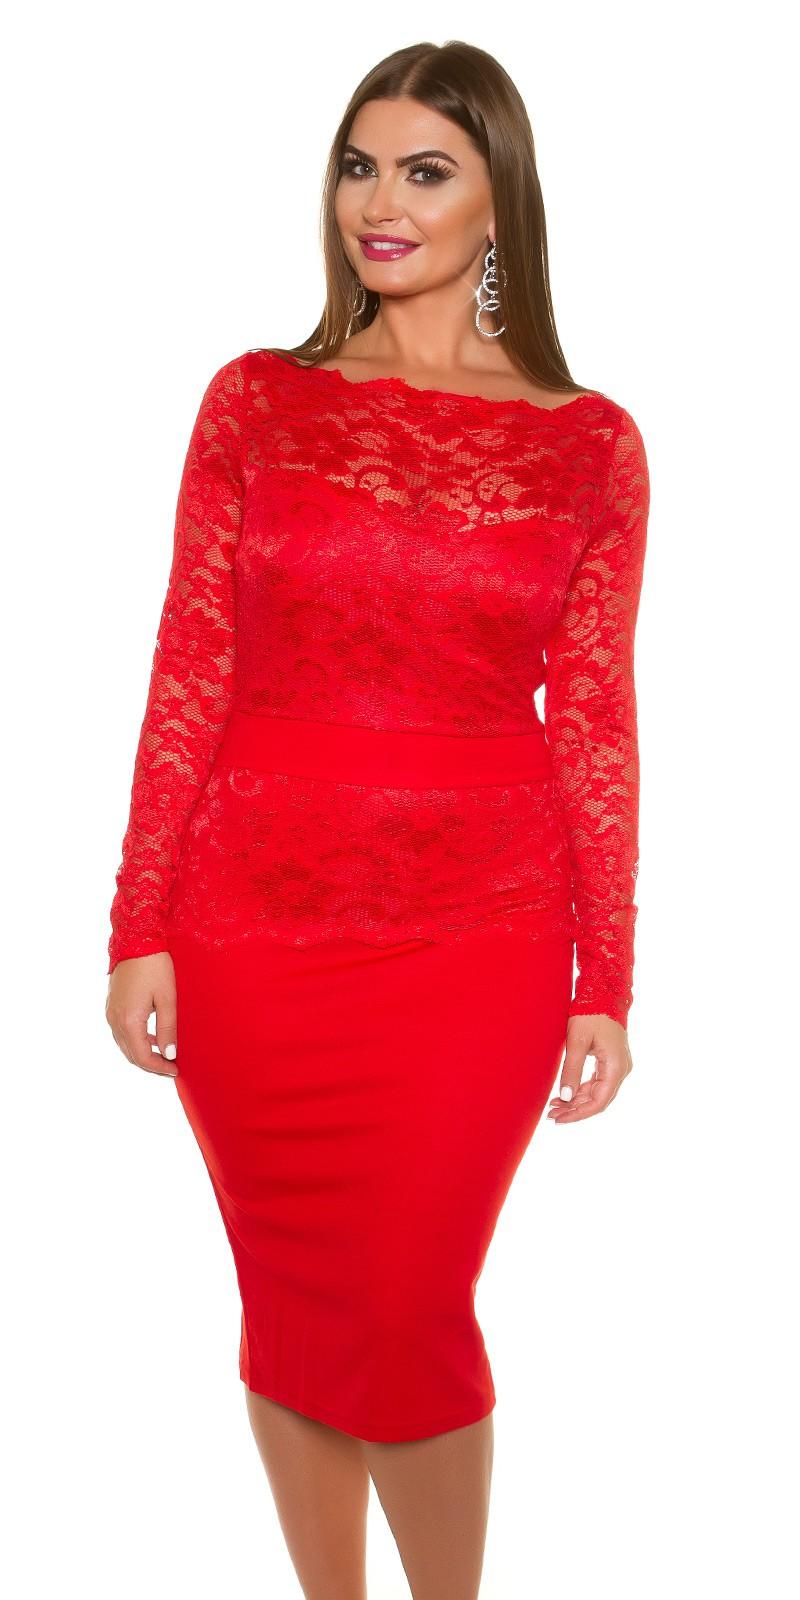 165c7bddf84bd2 Śliczna sukienka z koronką czerwona 46 na Bazarek.pl